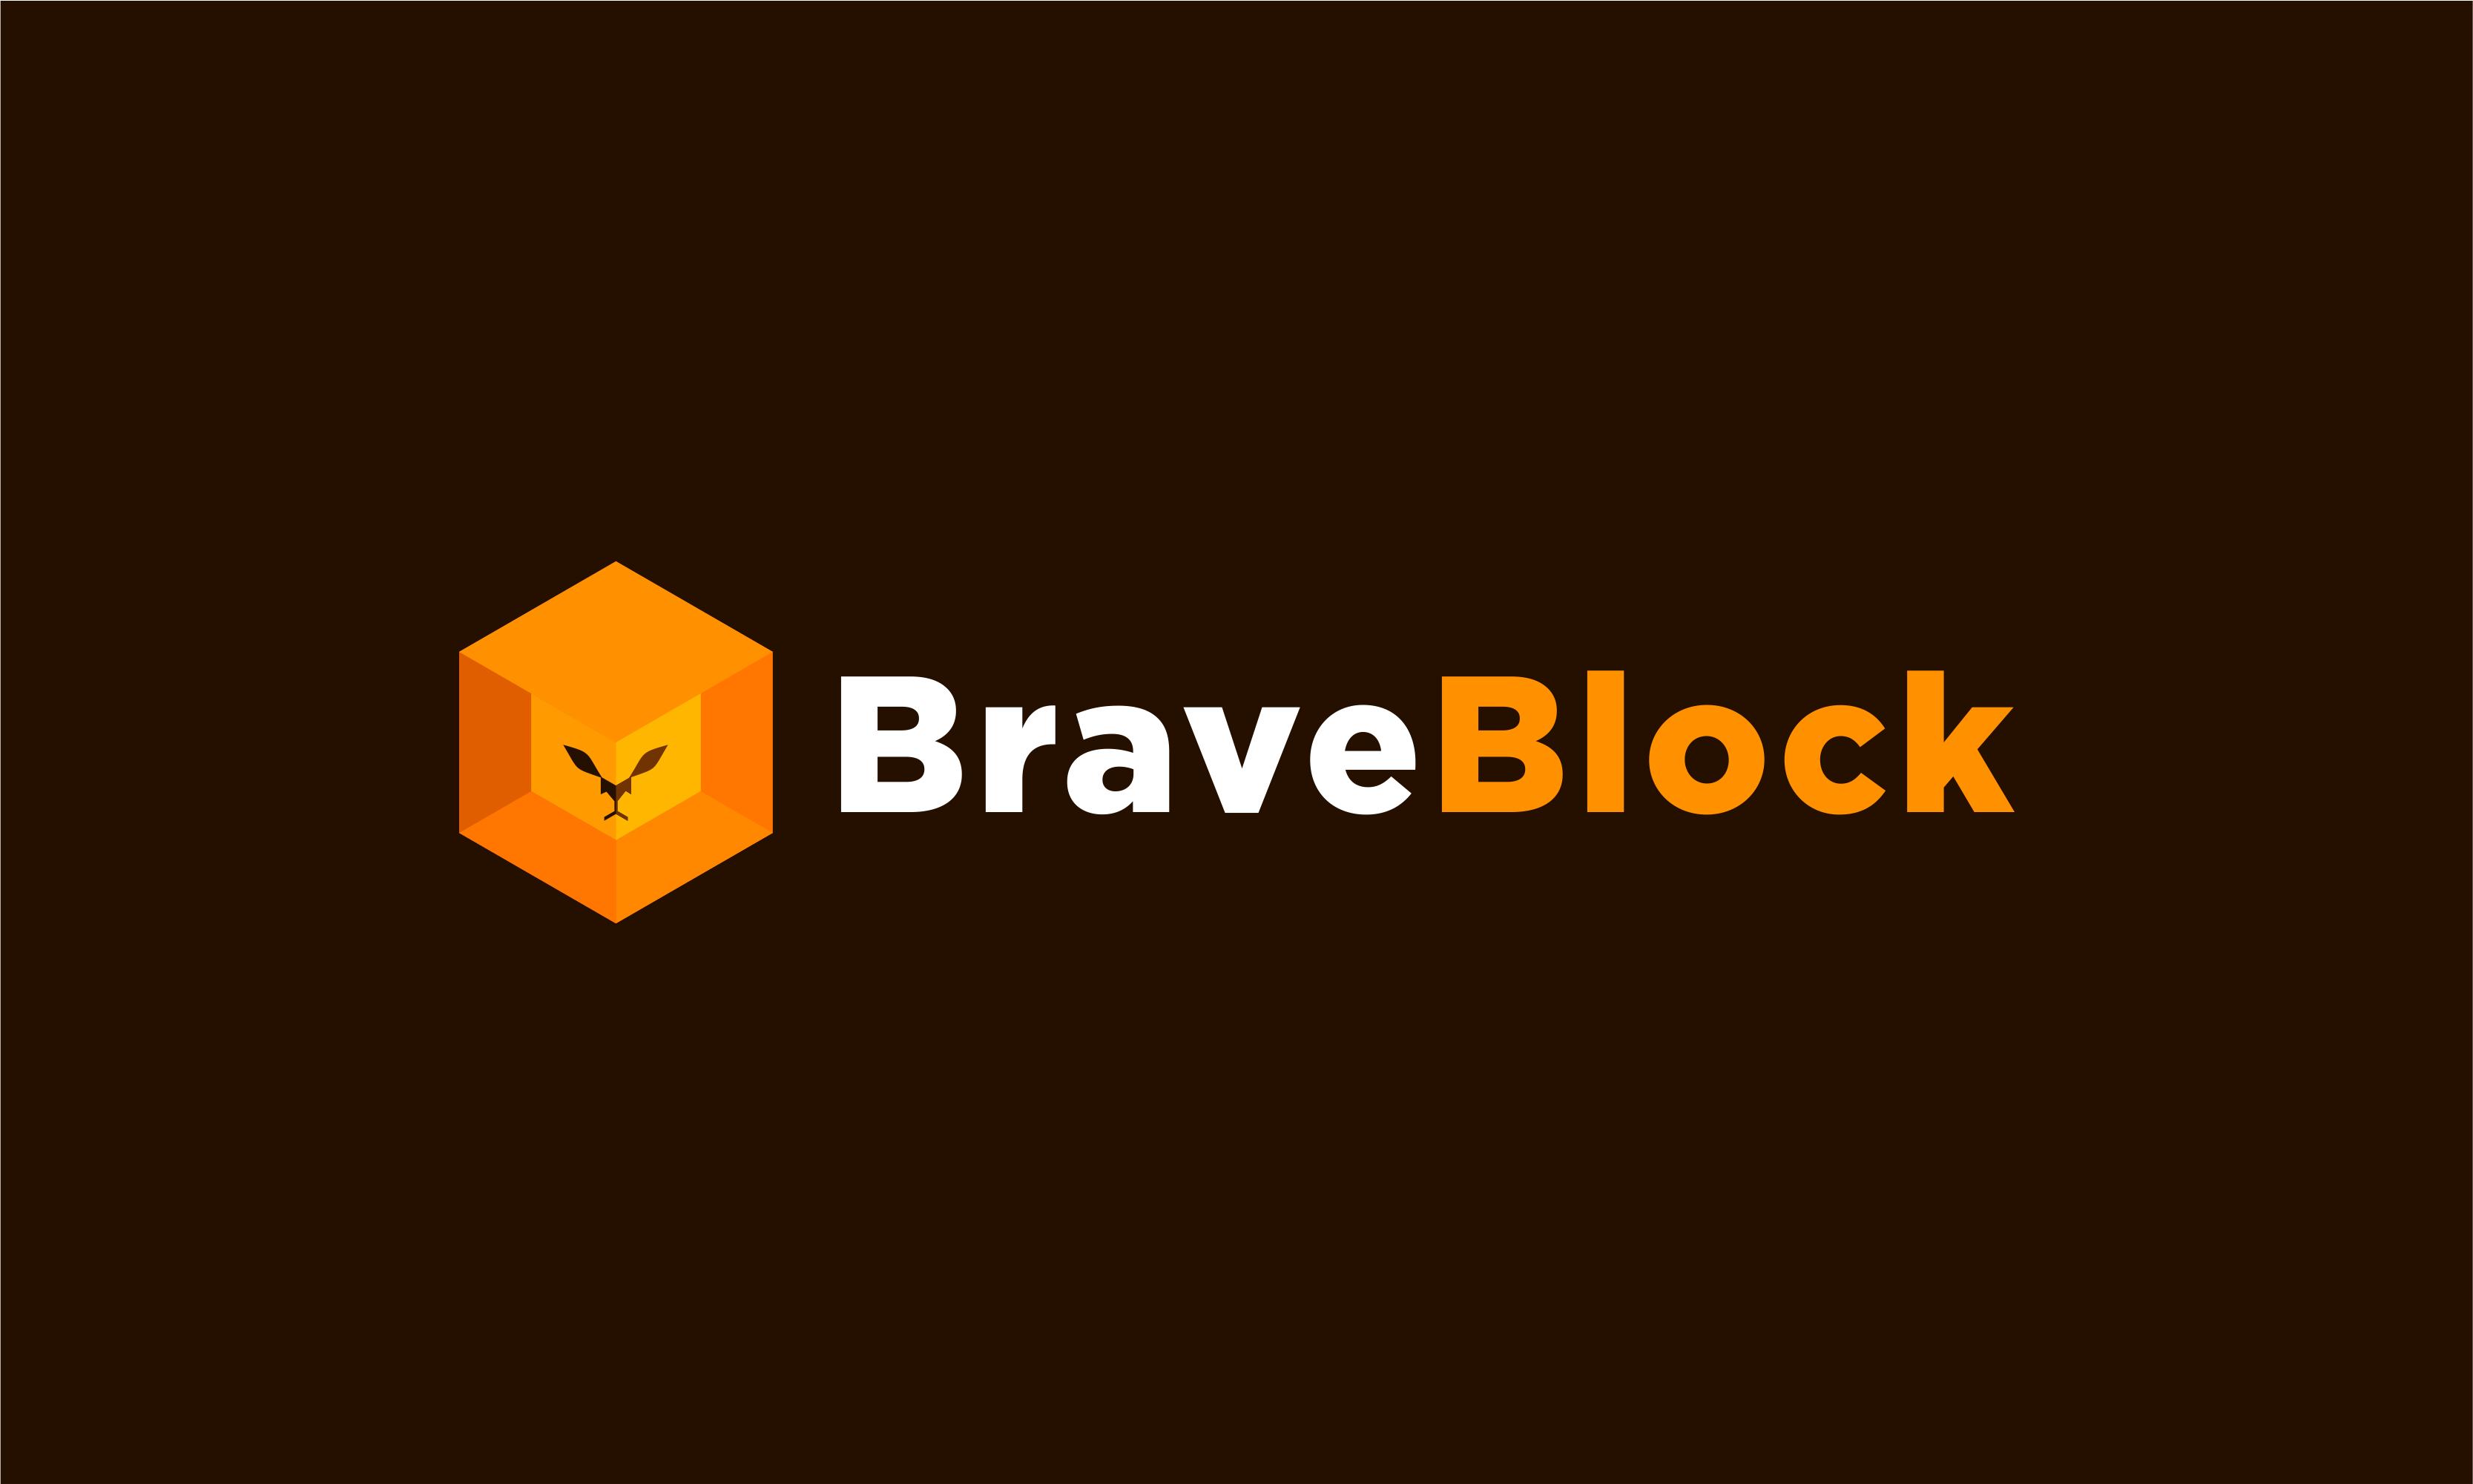 Braveblock